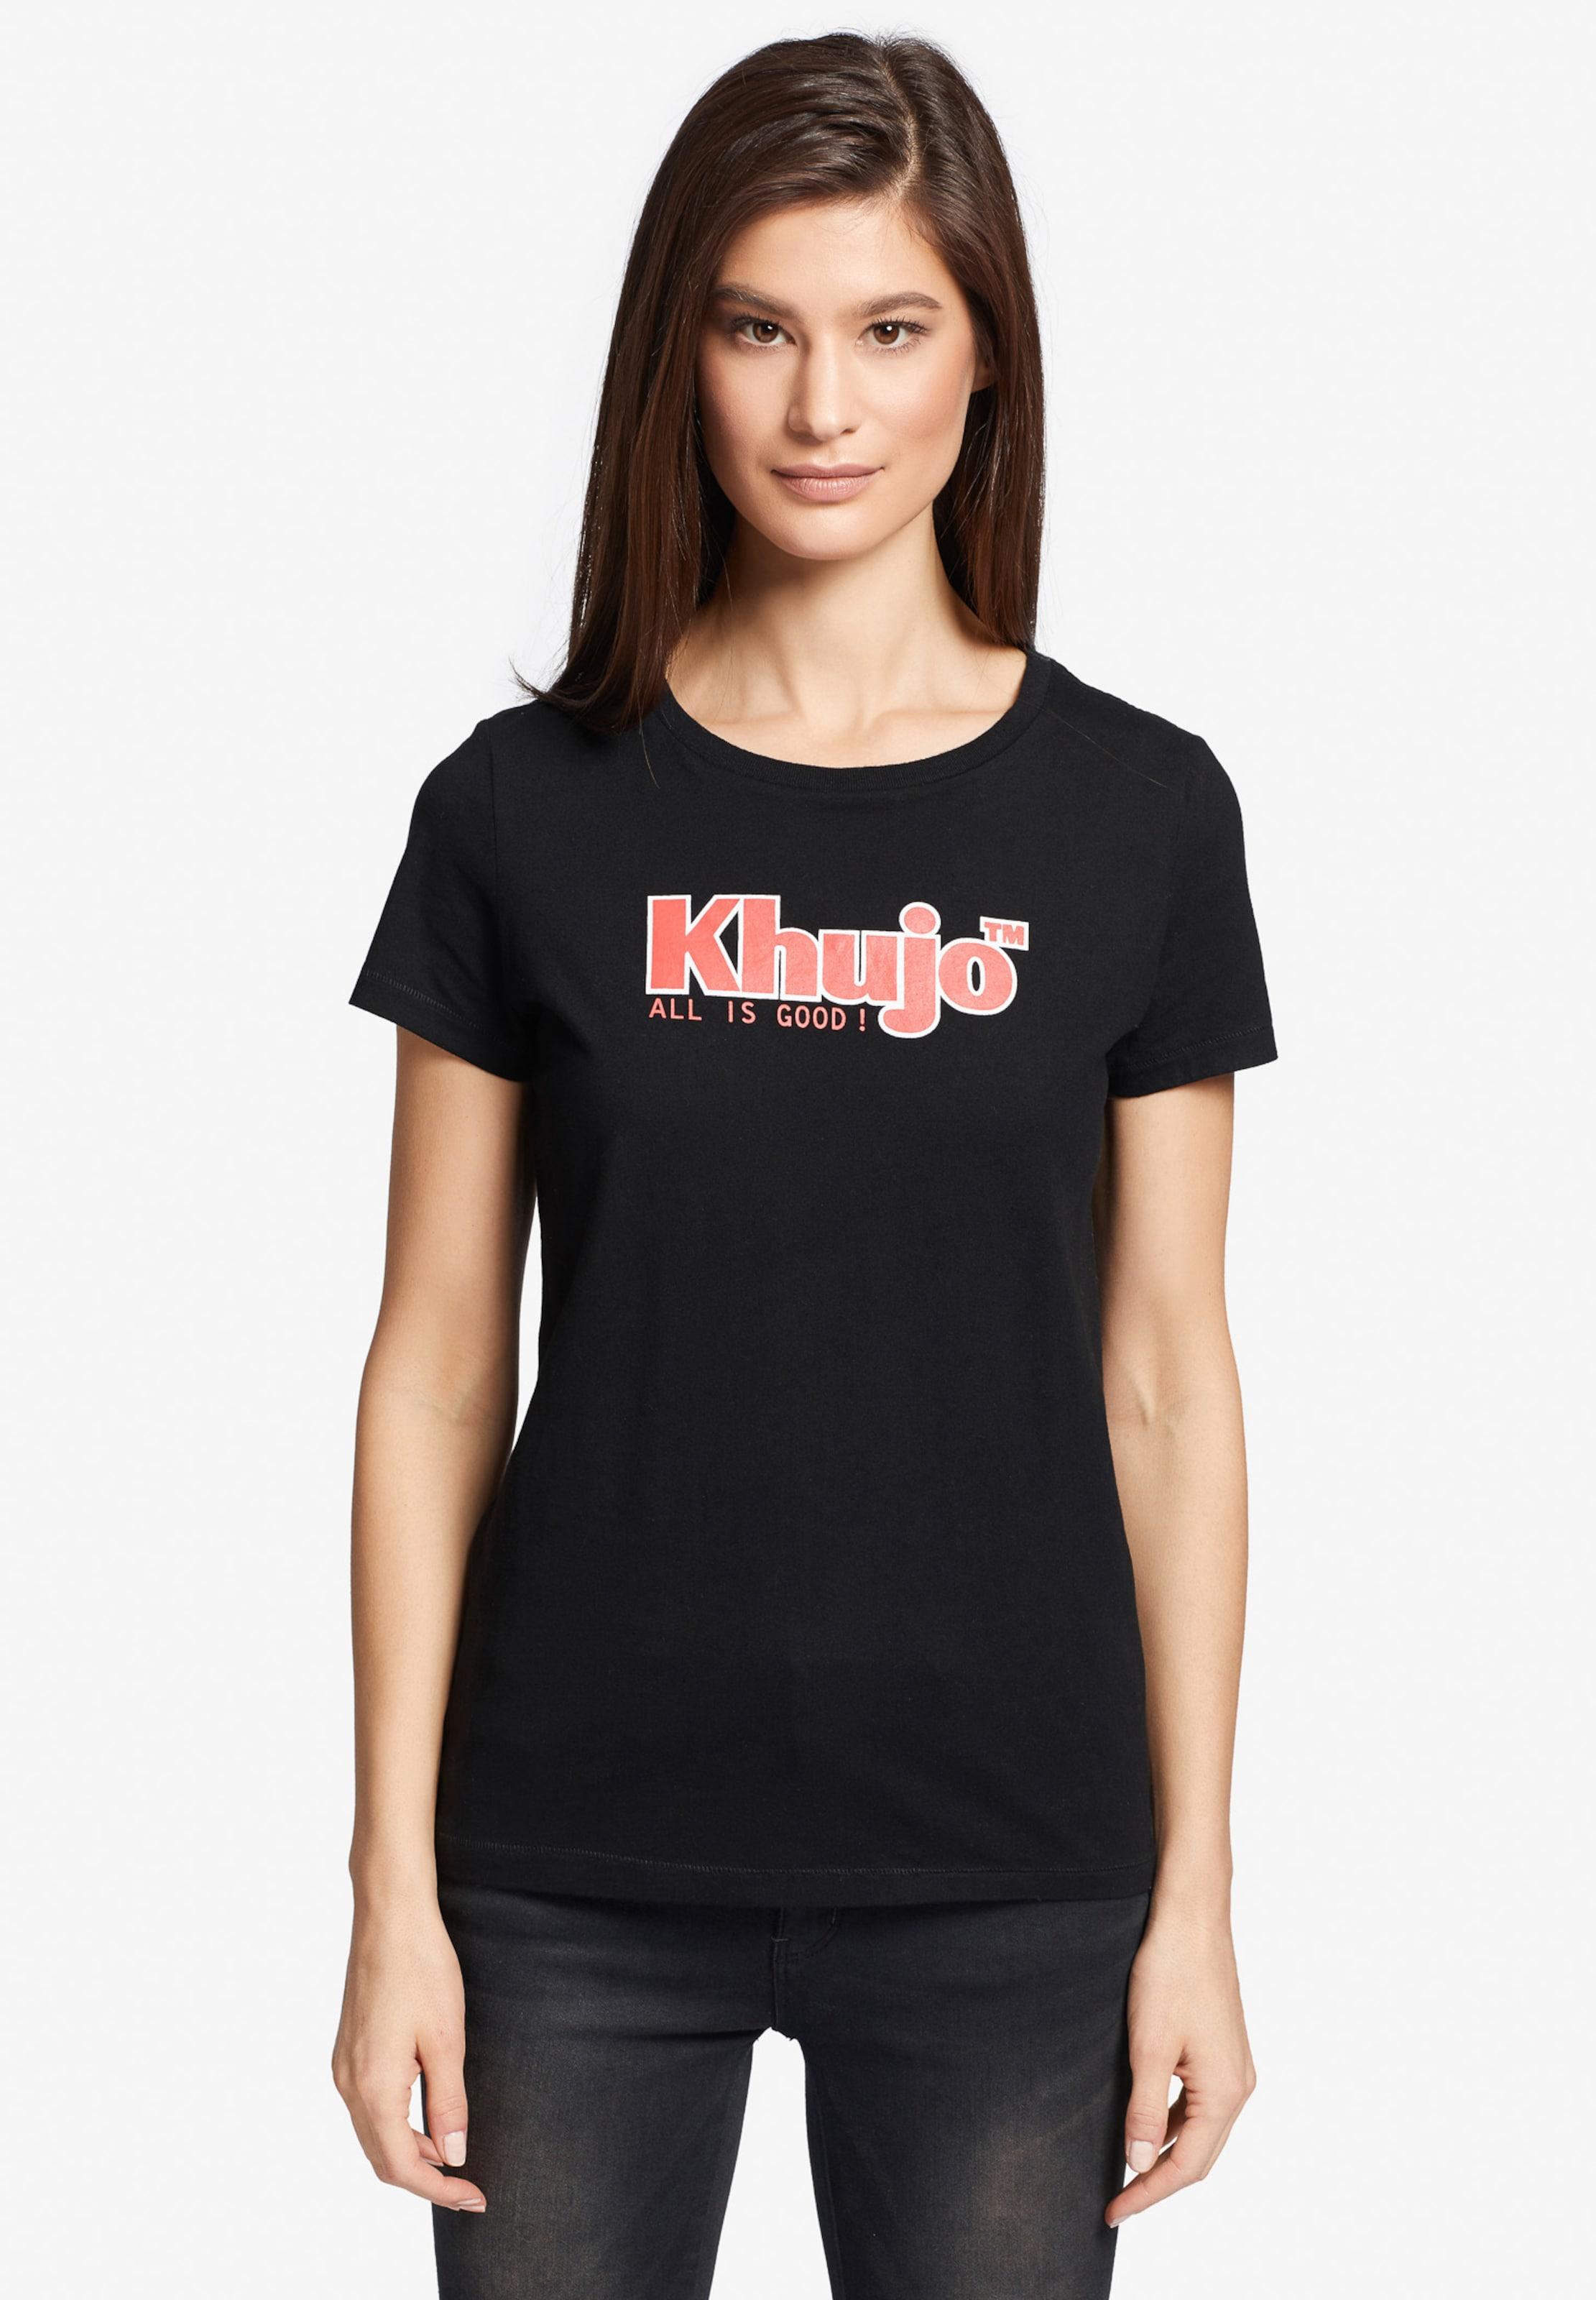 HellrotSchwarz T Khujo Logo' In shirt 'brooke XPkZiu